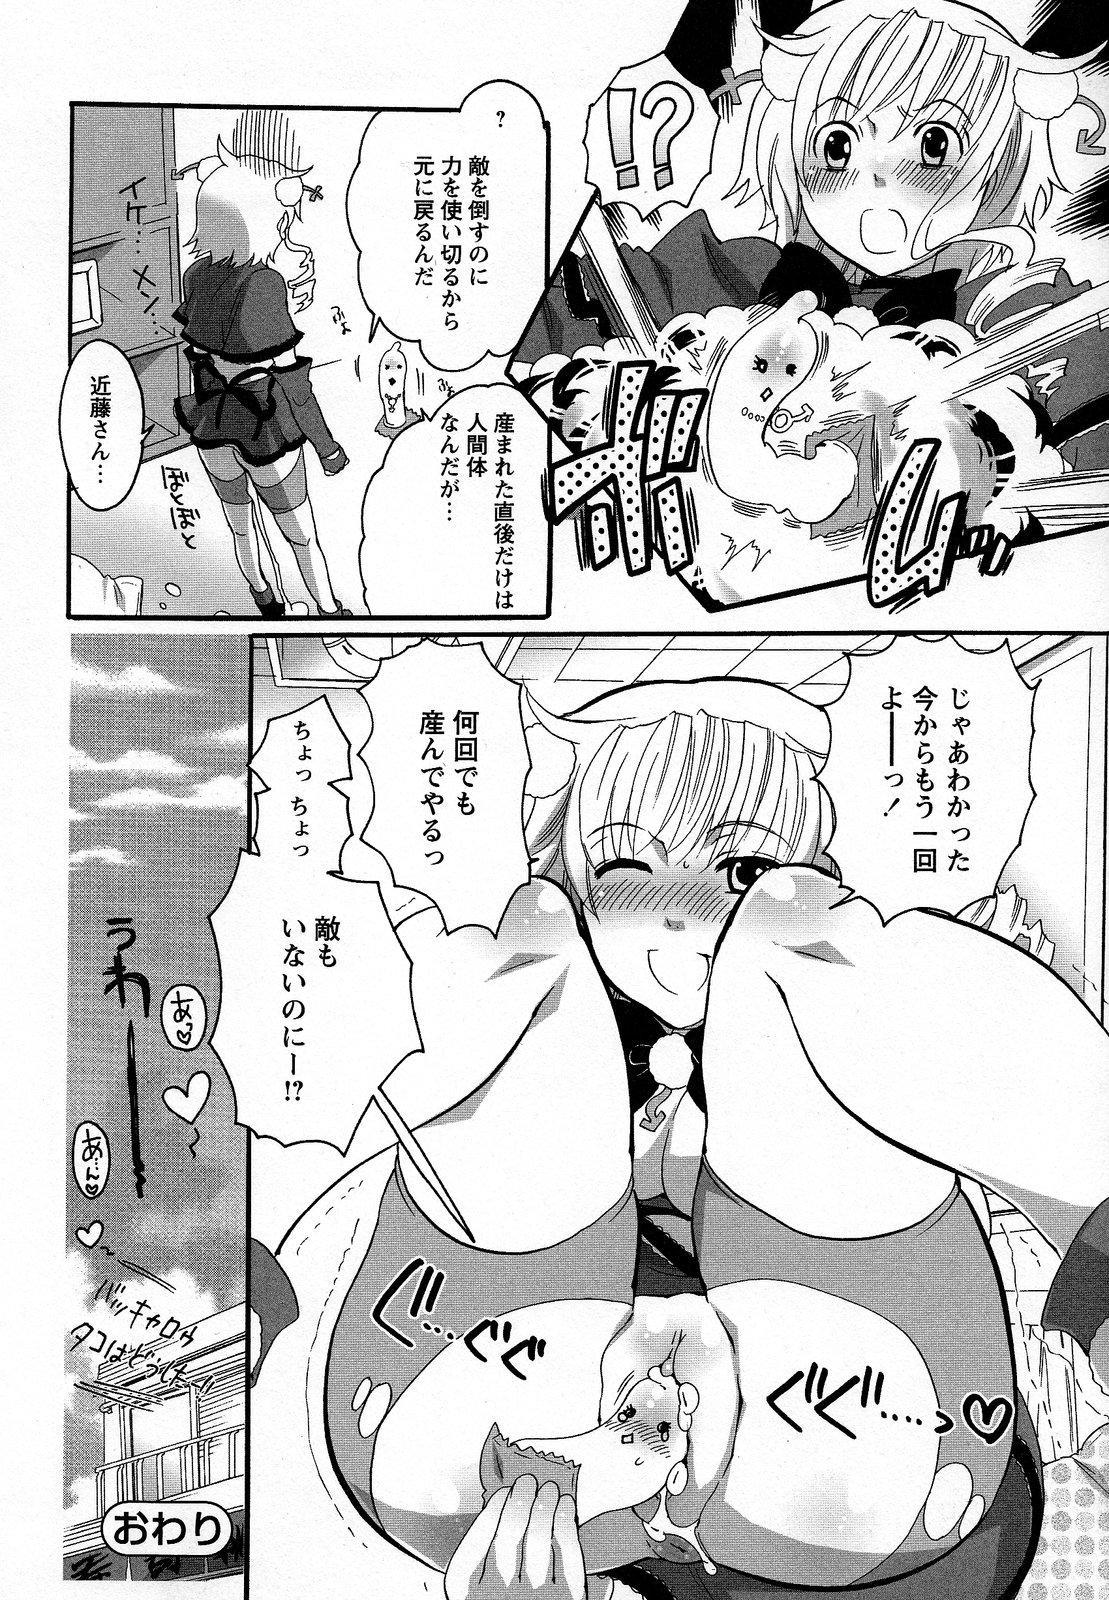 Boku ga Onee-sama no Mesu Dorei ni Narutoki 159